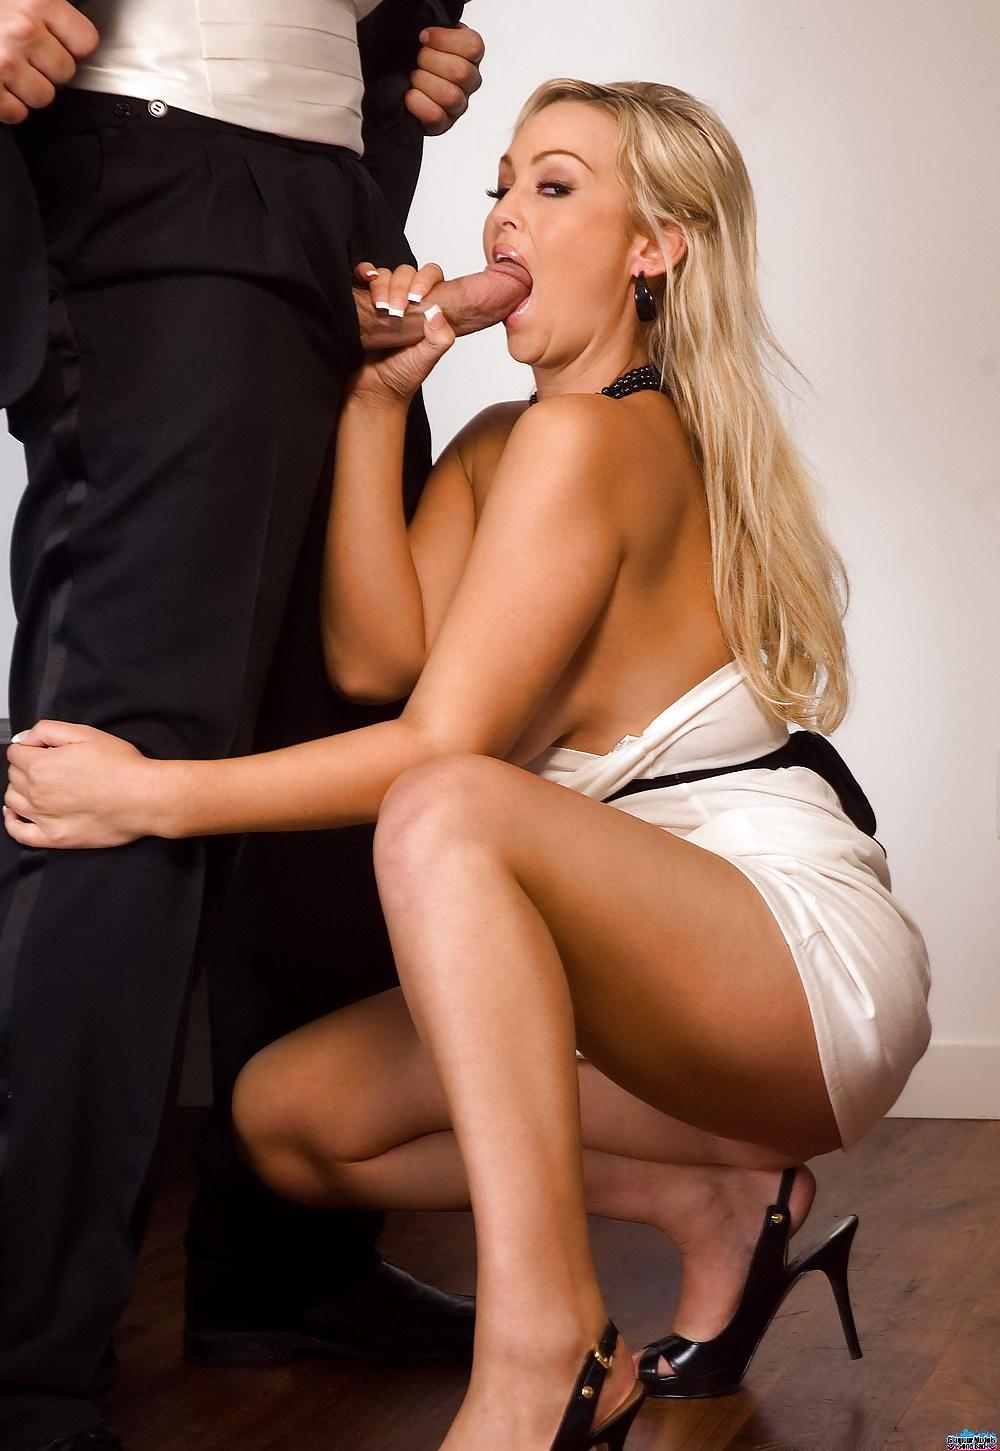 Парень трахает минет от шикарной блондинки в юбке фото голых